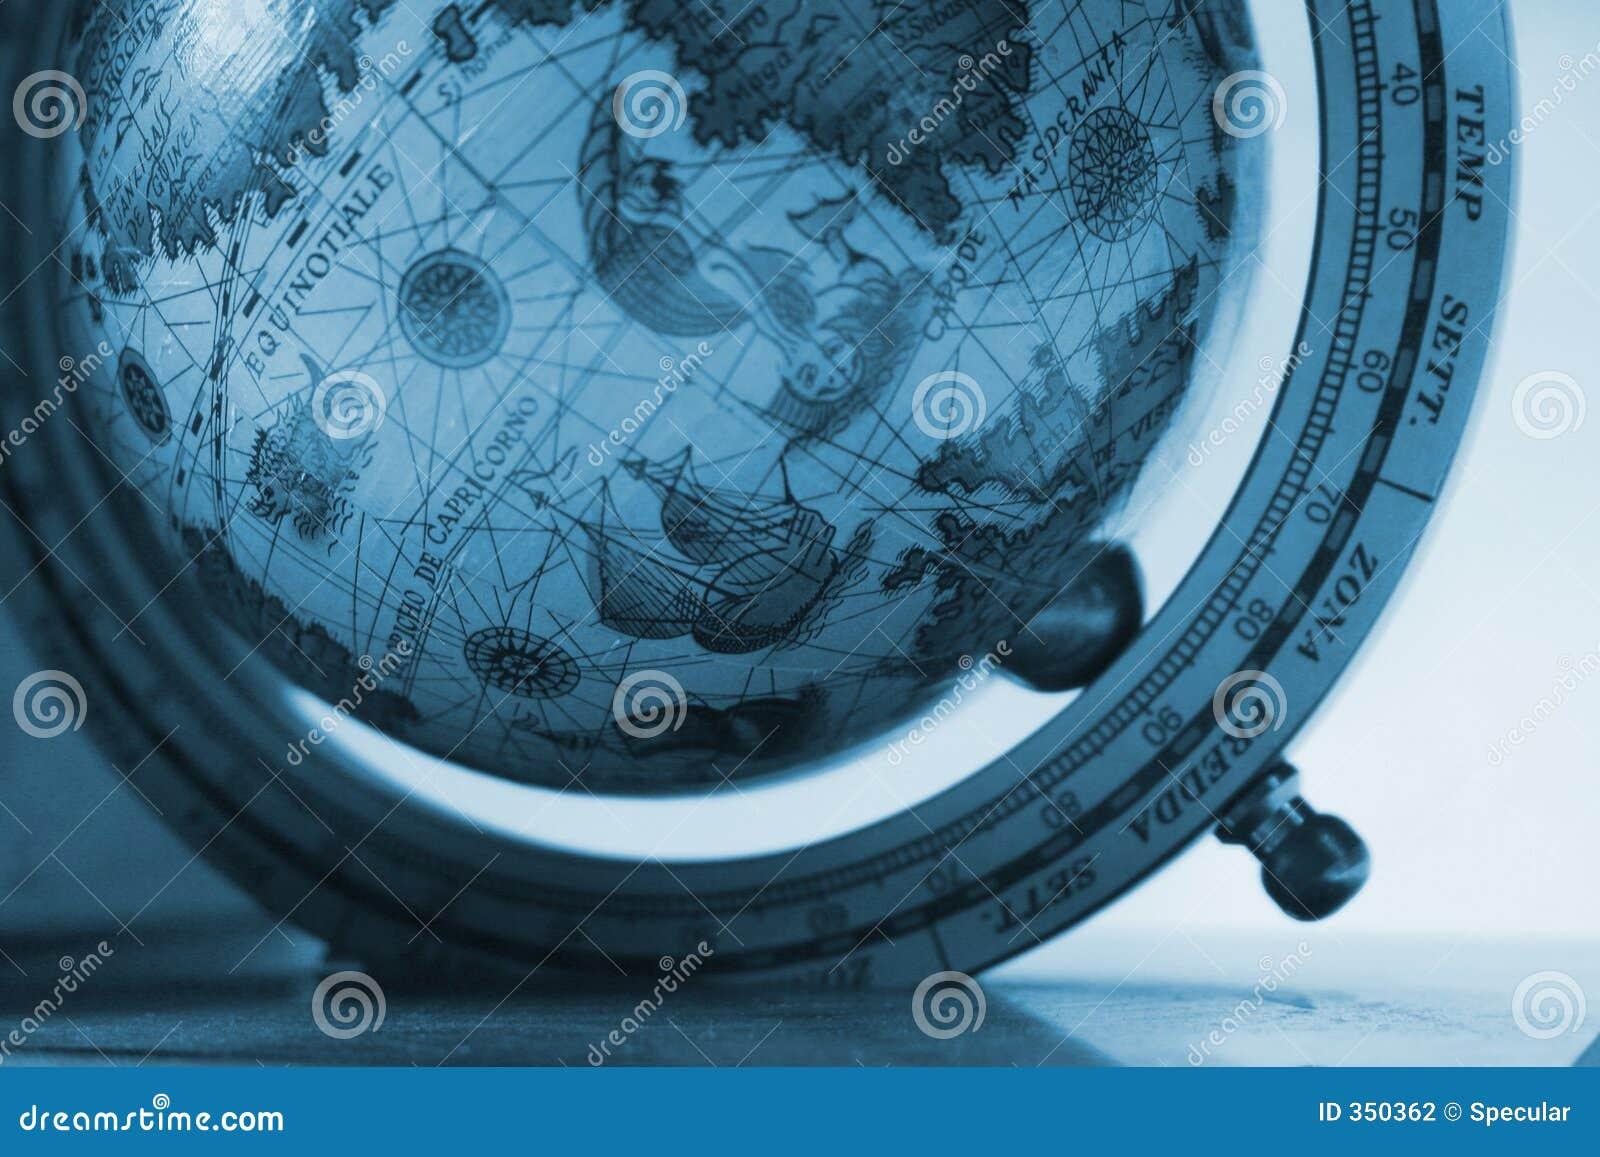 Globo dell esploratore in anticipo